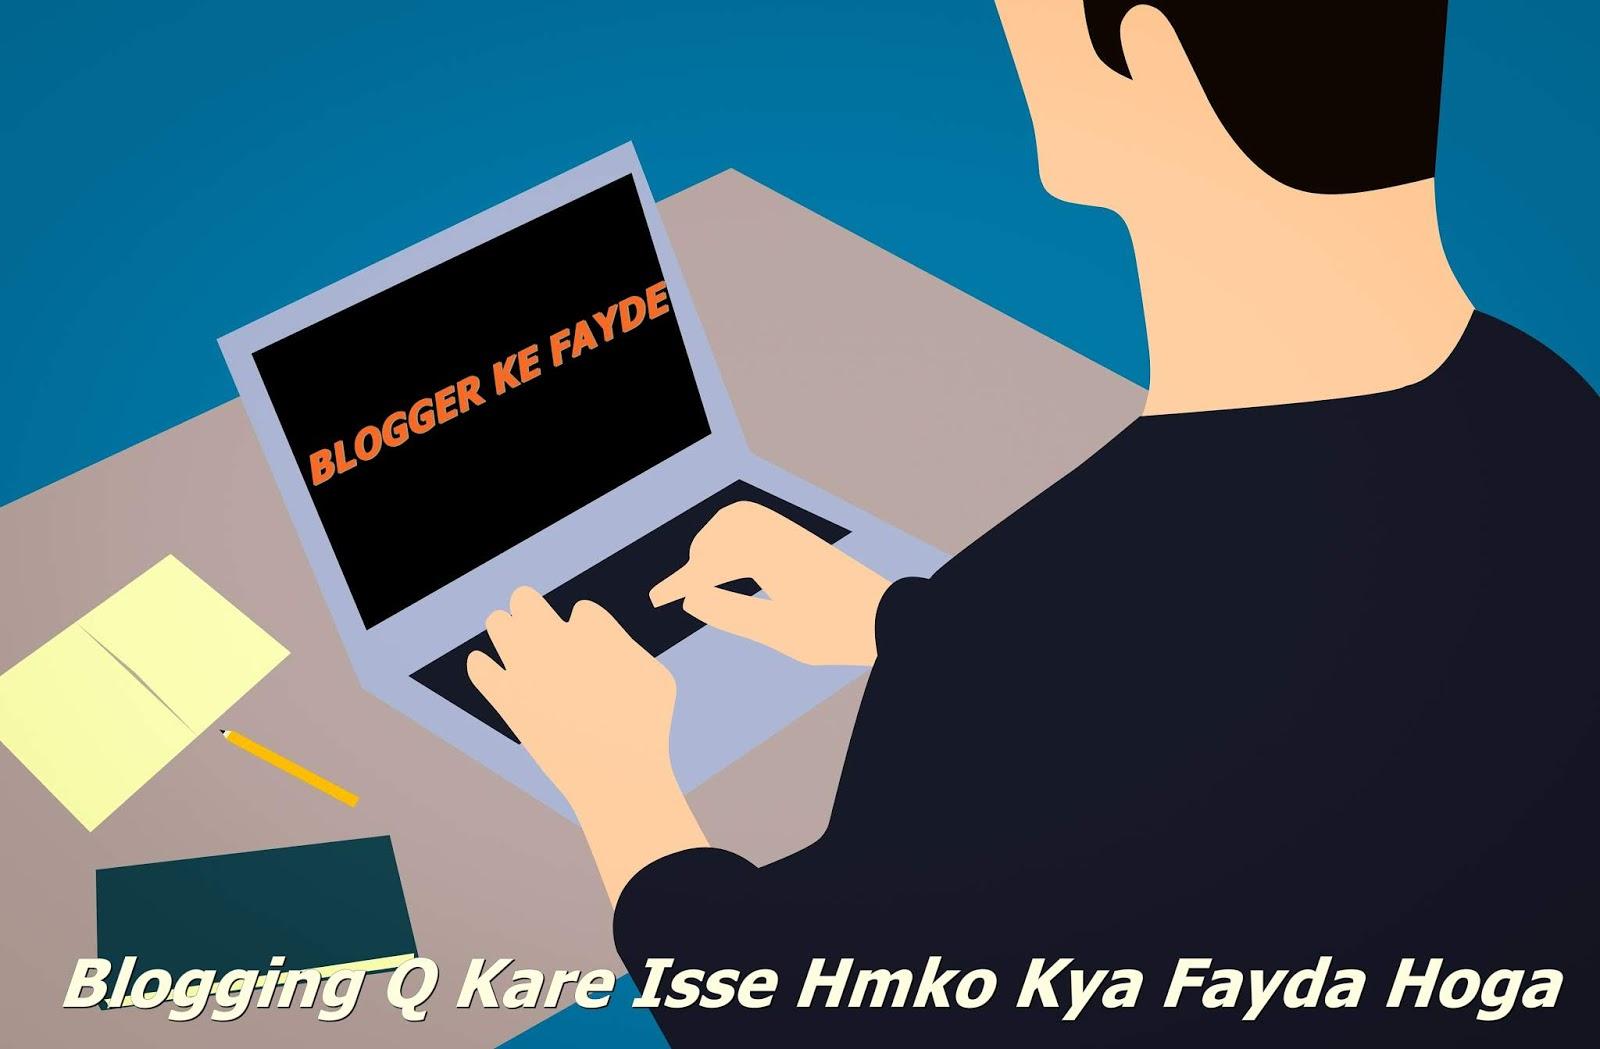 Blogging Q Kare Isse Hmko Kya Fayda Hoga, Blogging meaning, blogger ke fayde